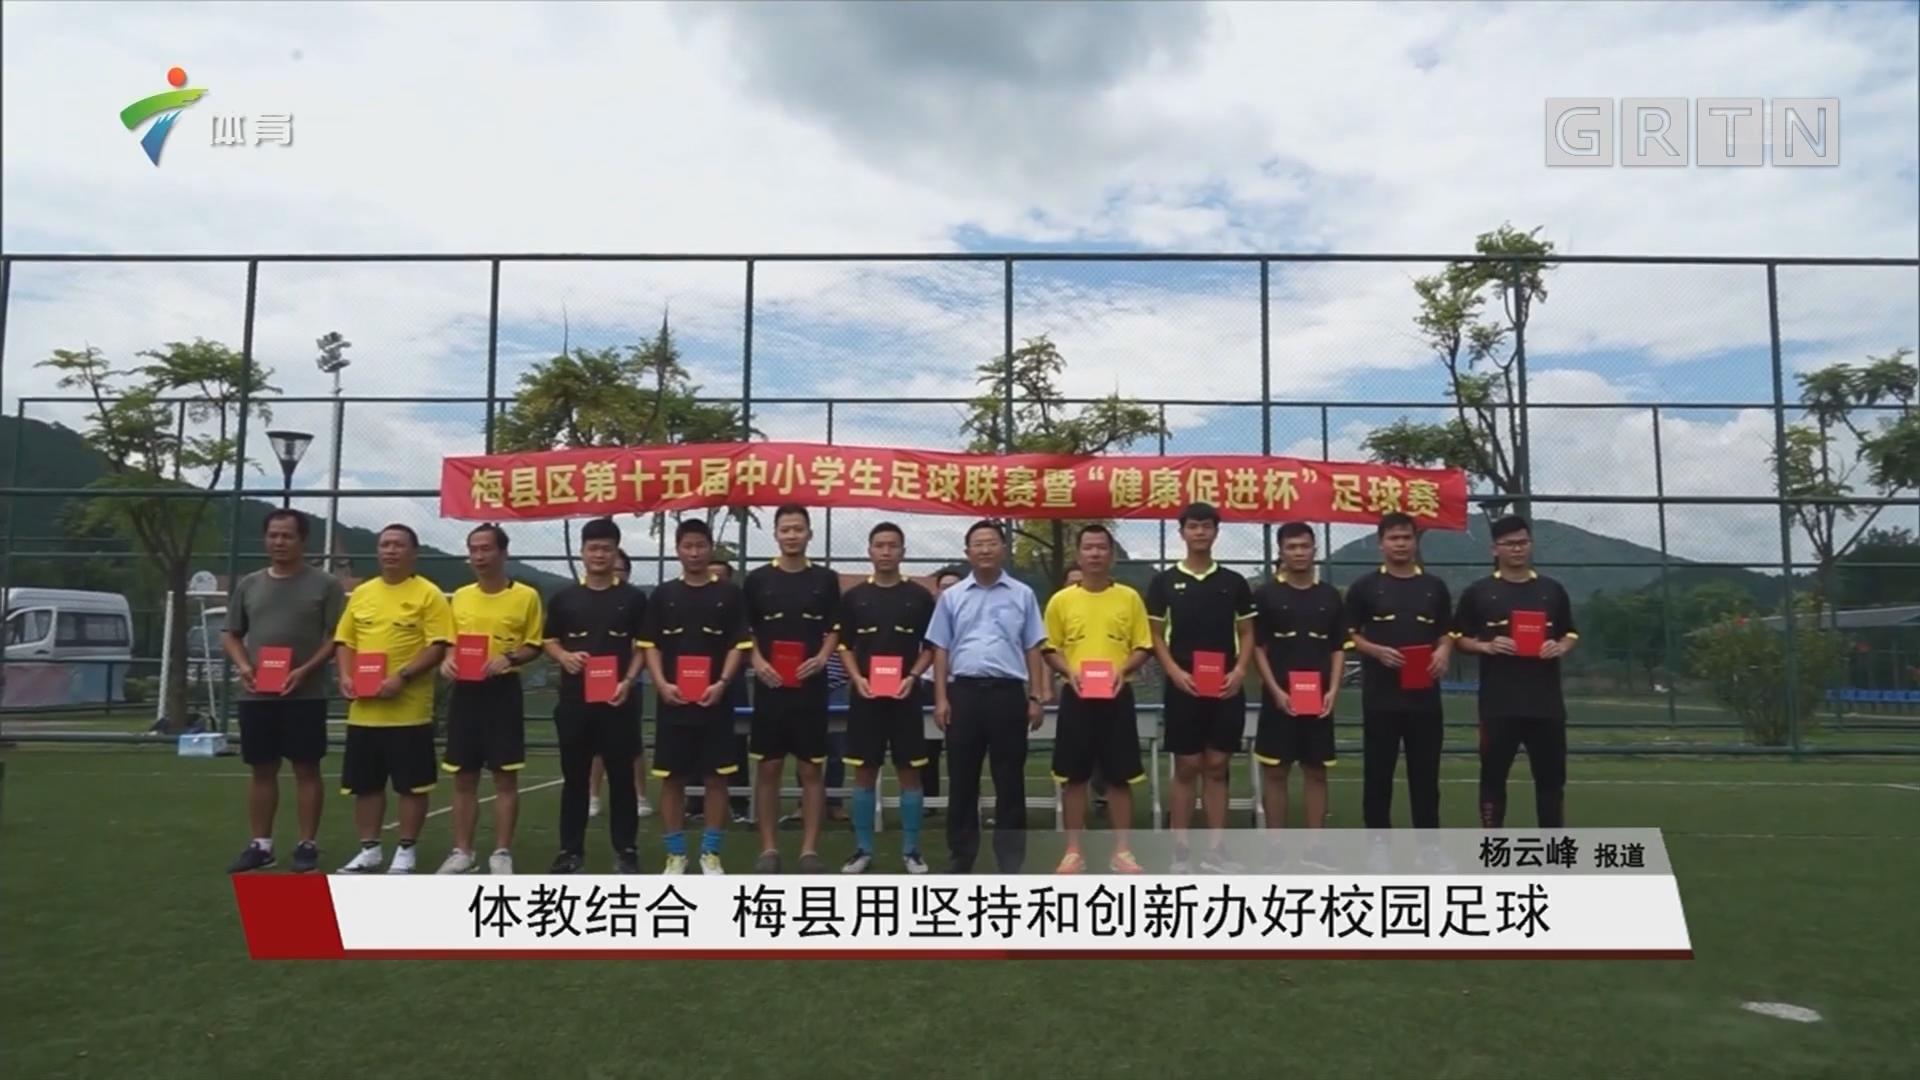 体教结合 梅县用坚持和创新办好校园足球